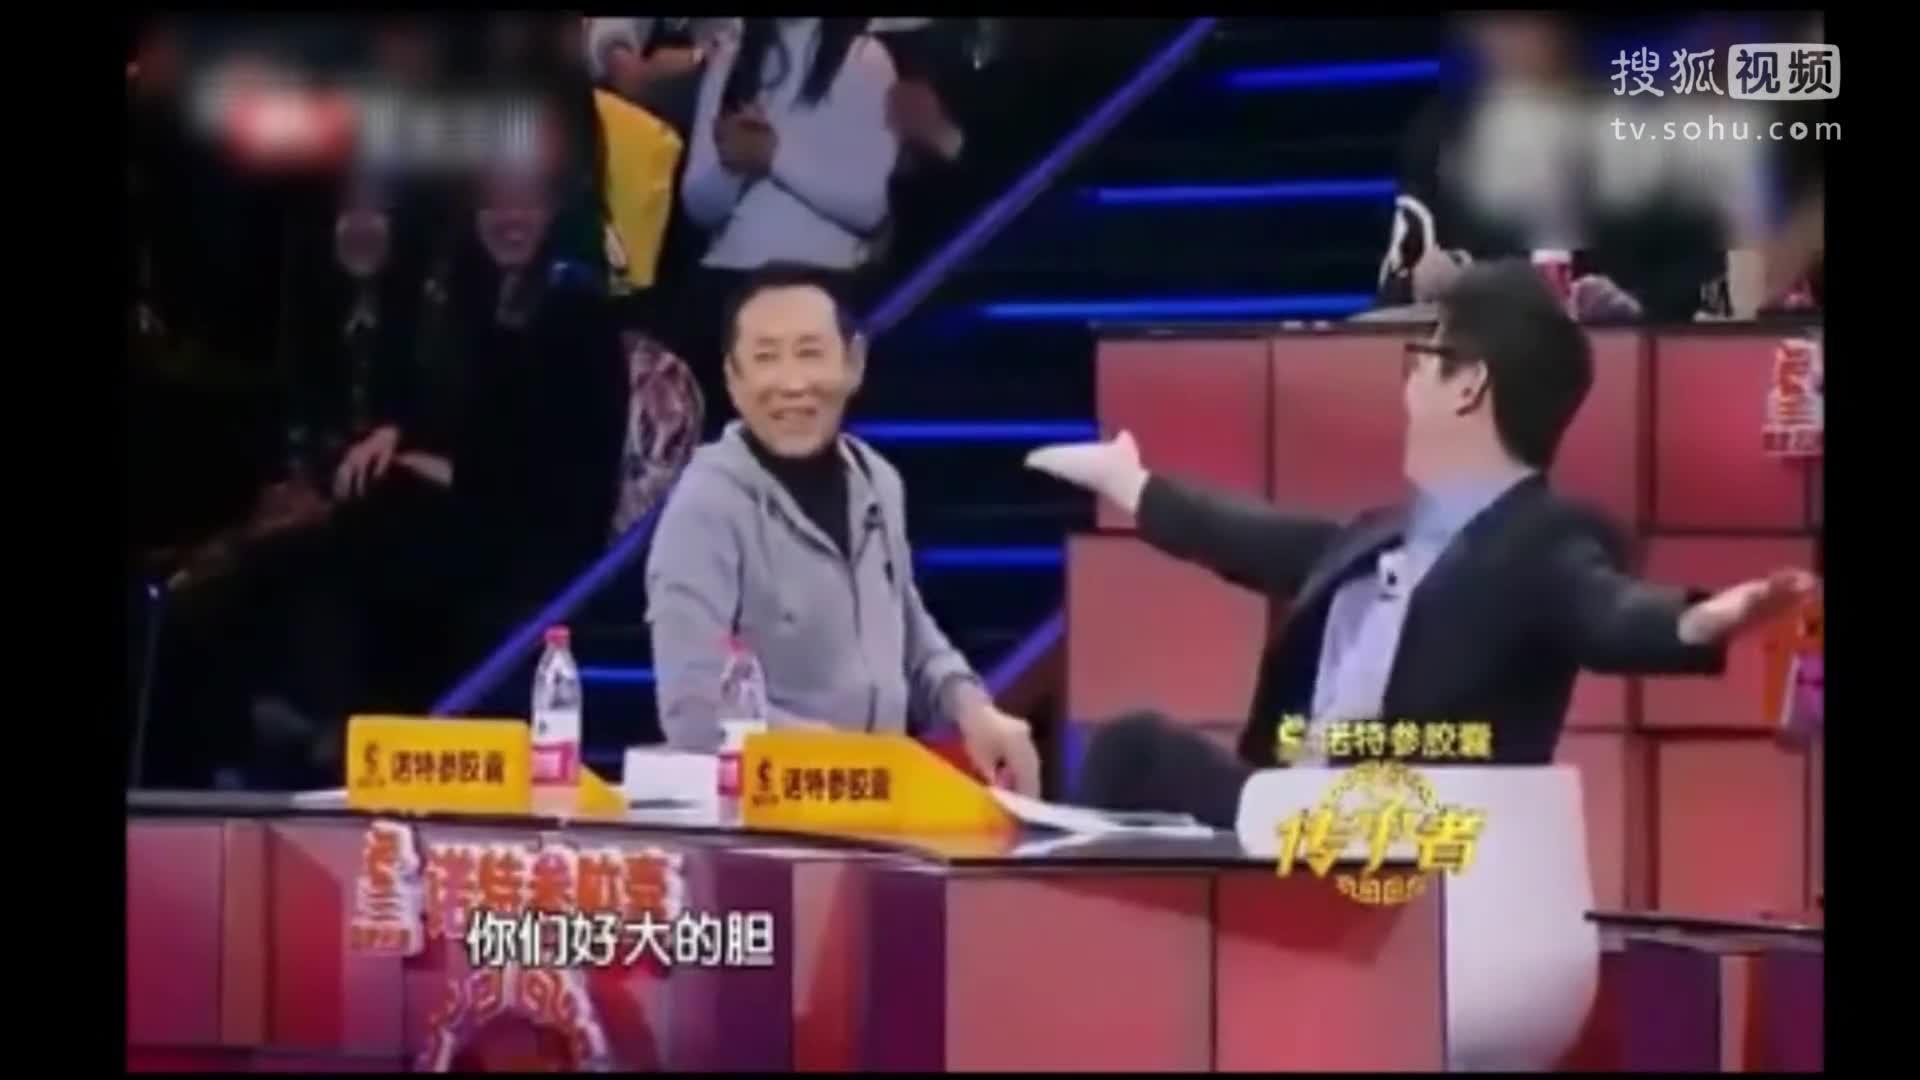 《传承者》陈道明发飙视频曝光:你们胆子好大 仗义执言获赞